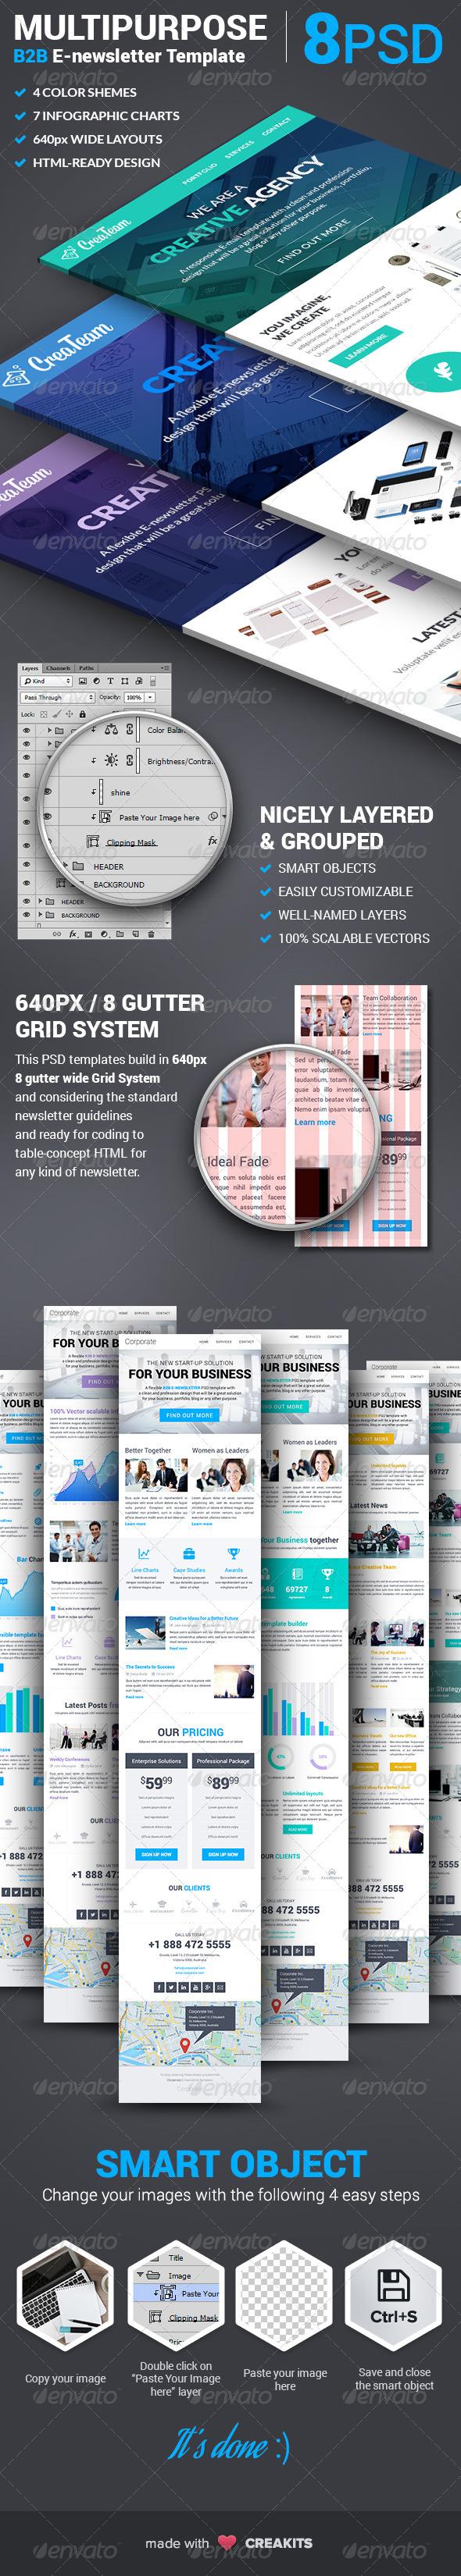 GraphicRiver Corporate Multipurpose B2B E-newsletter Template 7930307